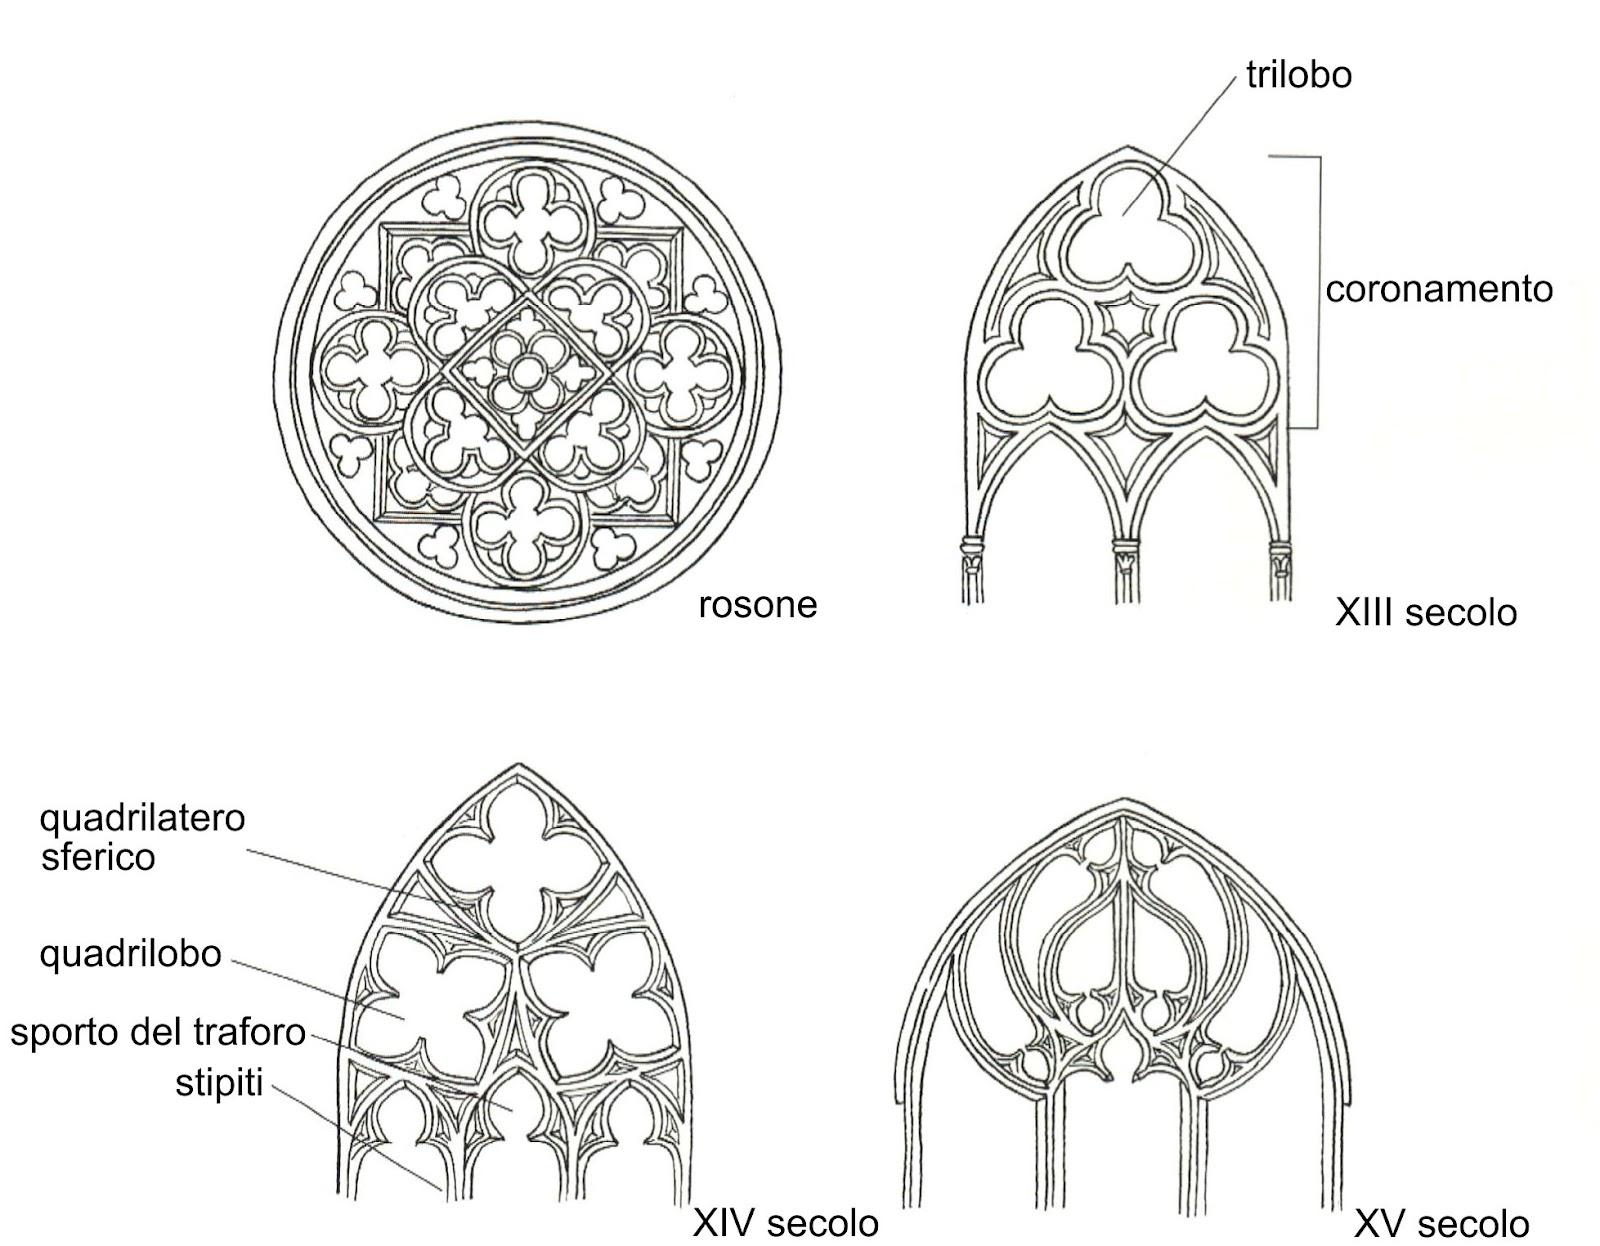 Le cattedrali gotiche dell 39 umanita 39 il gotico - Finestre circolari delle chiese gotiche ...